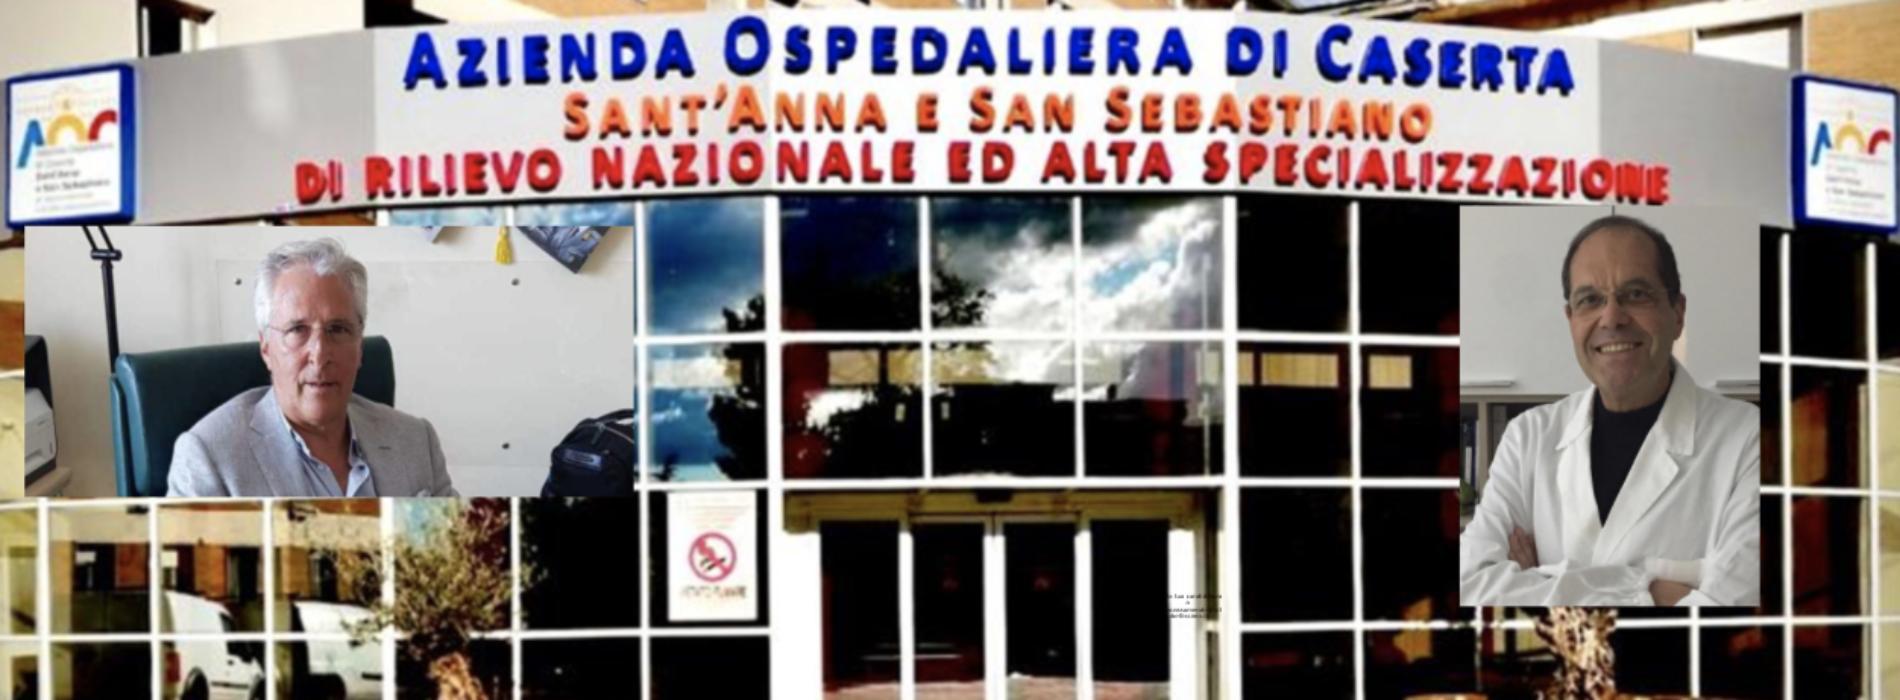 News Ospedale Caserta, anche qui si guarisce dal coronavirus